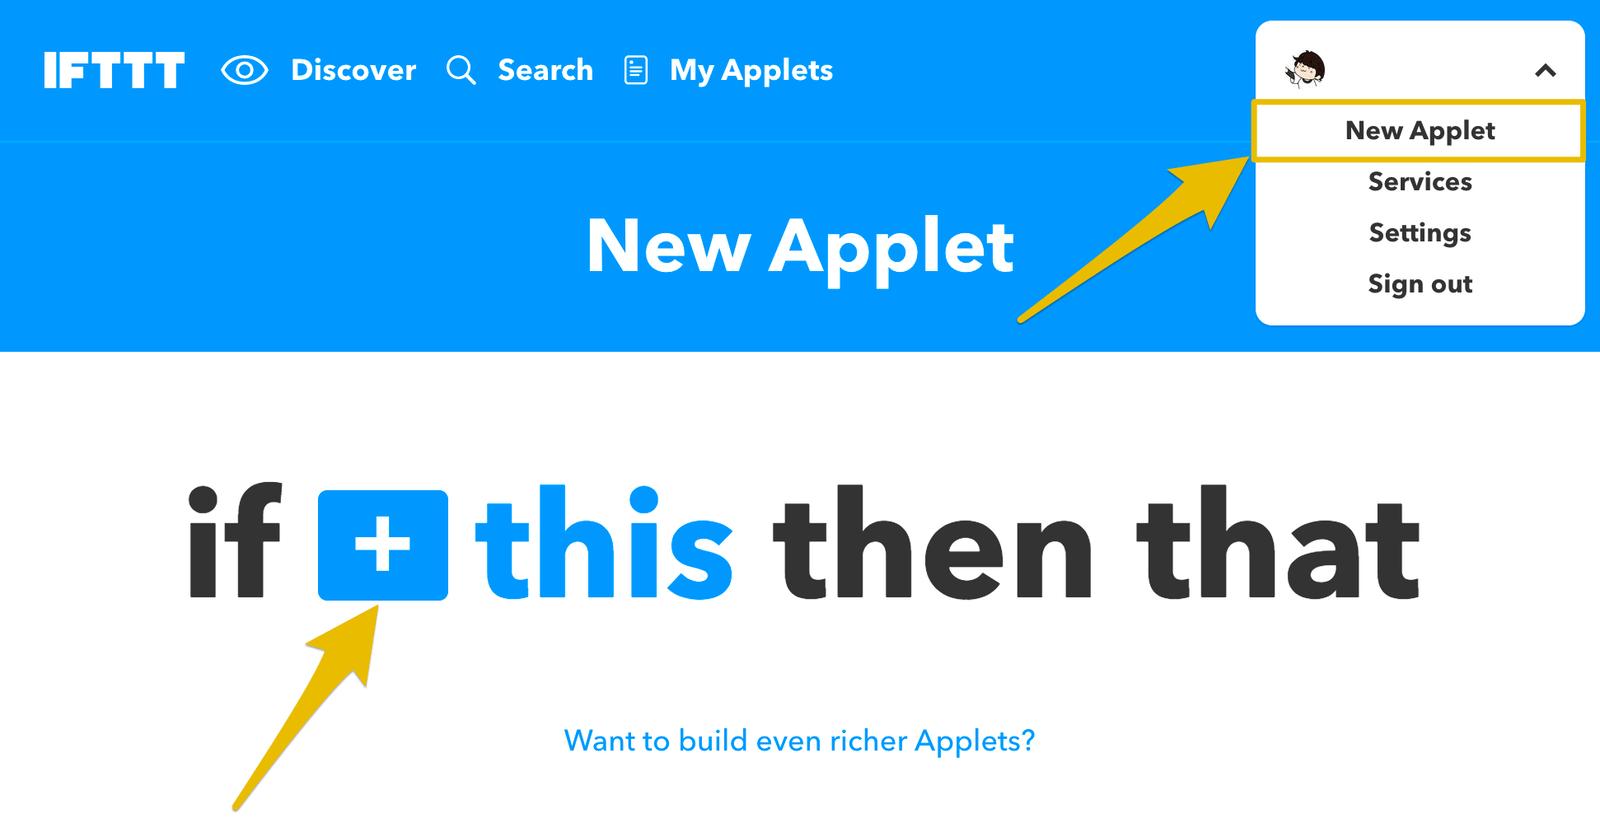 右上のメニューからNew Appletを選び、this部分の設定から始める